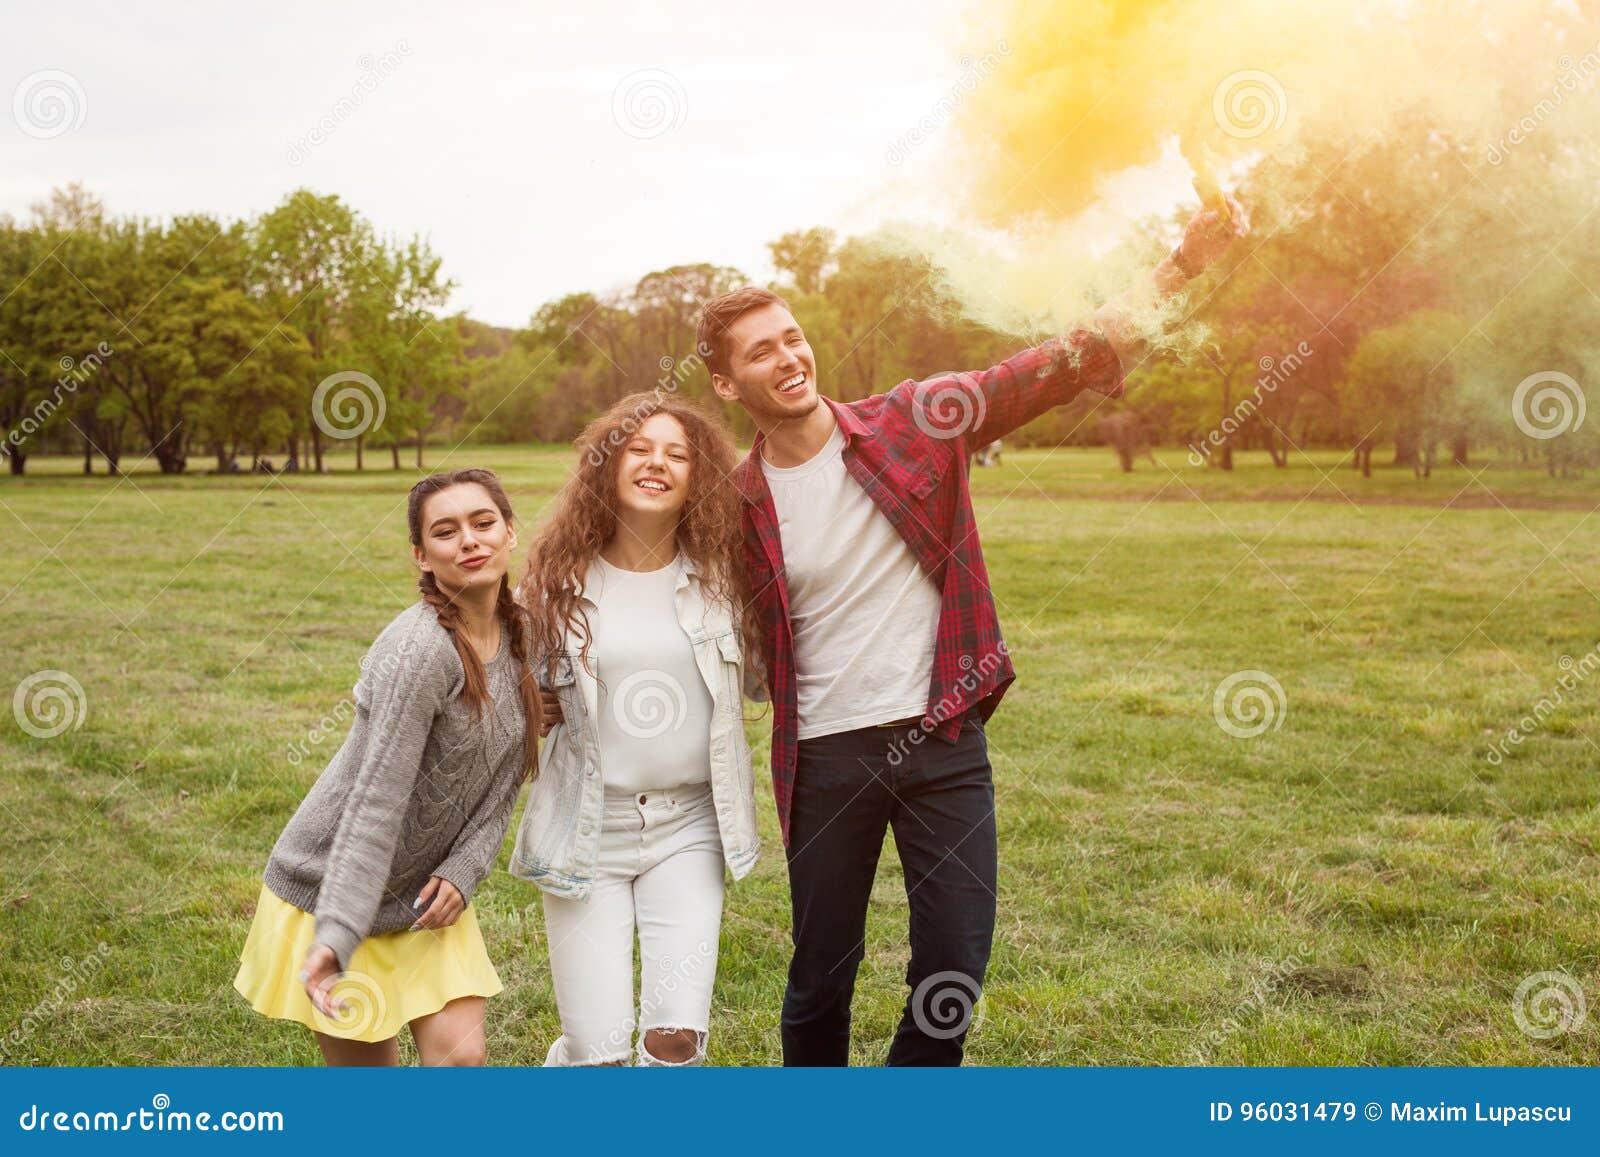 Z podnieceniem przyjaciele z barwionym dymem w parku